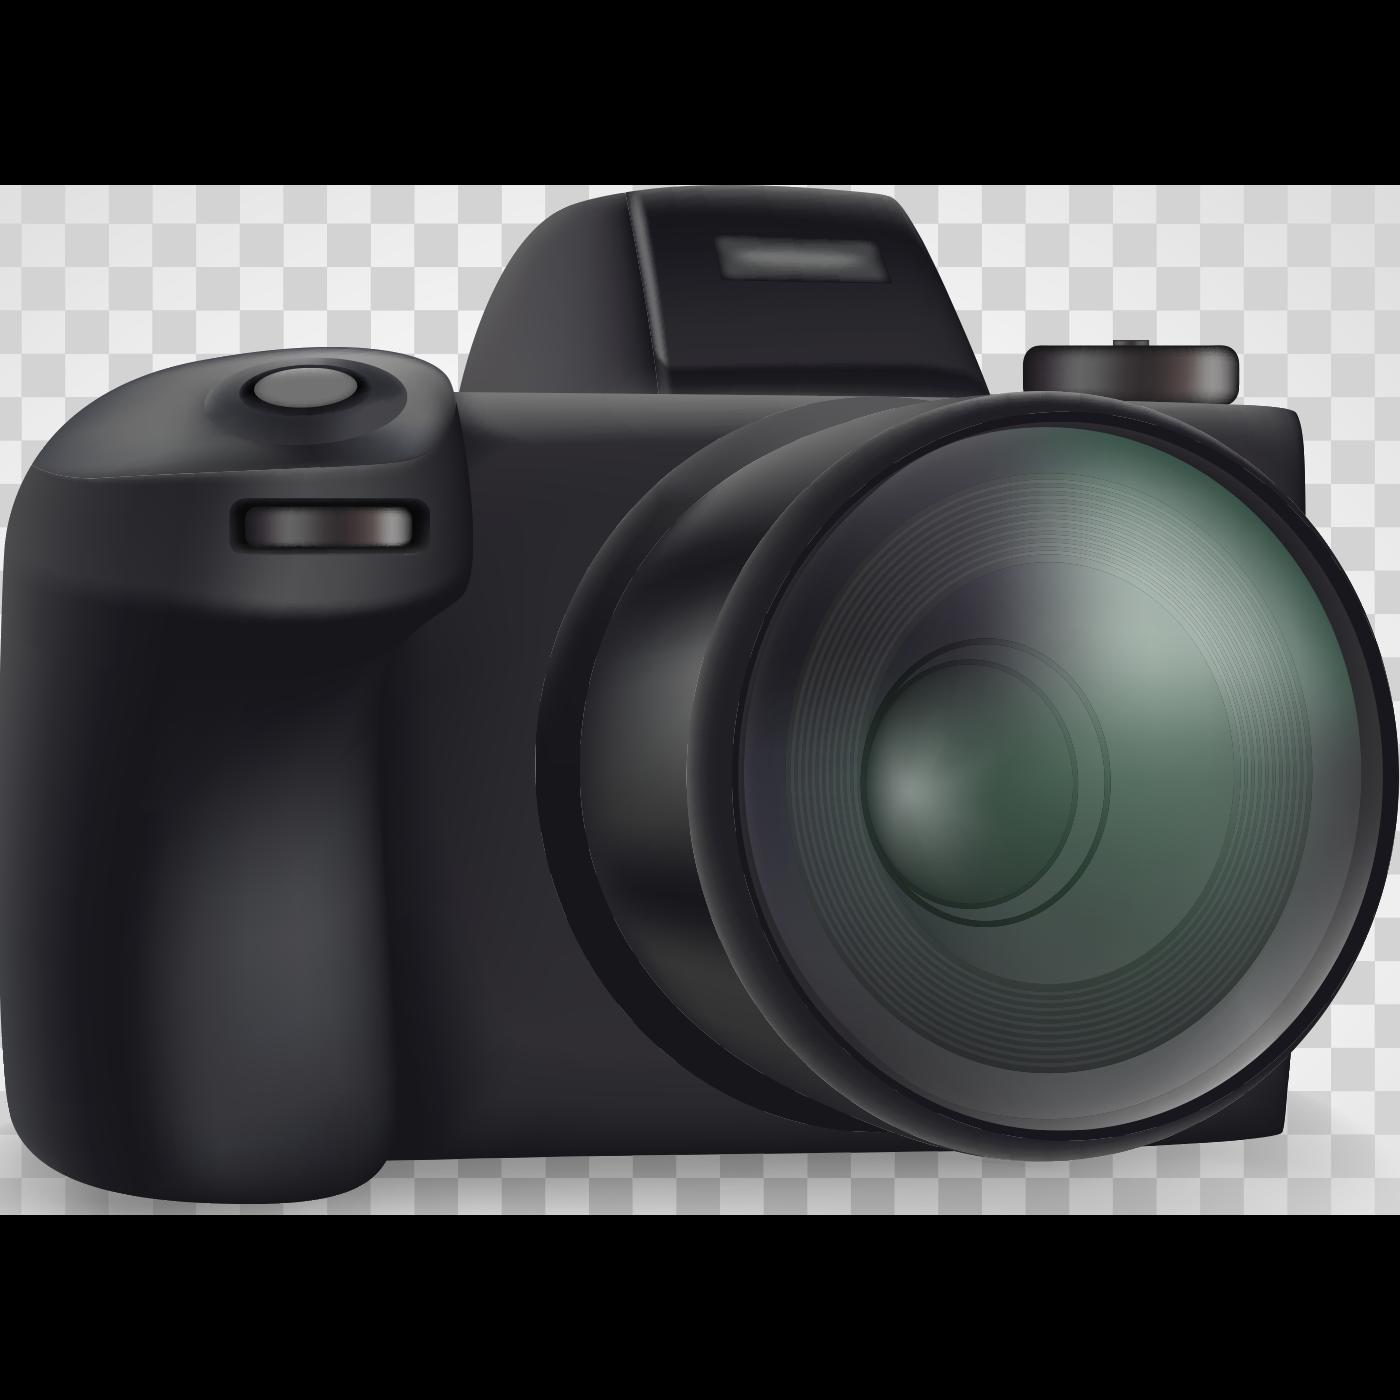 DSLR Video Camera Illustration